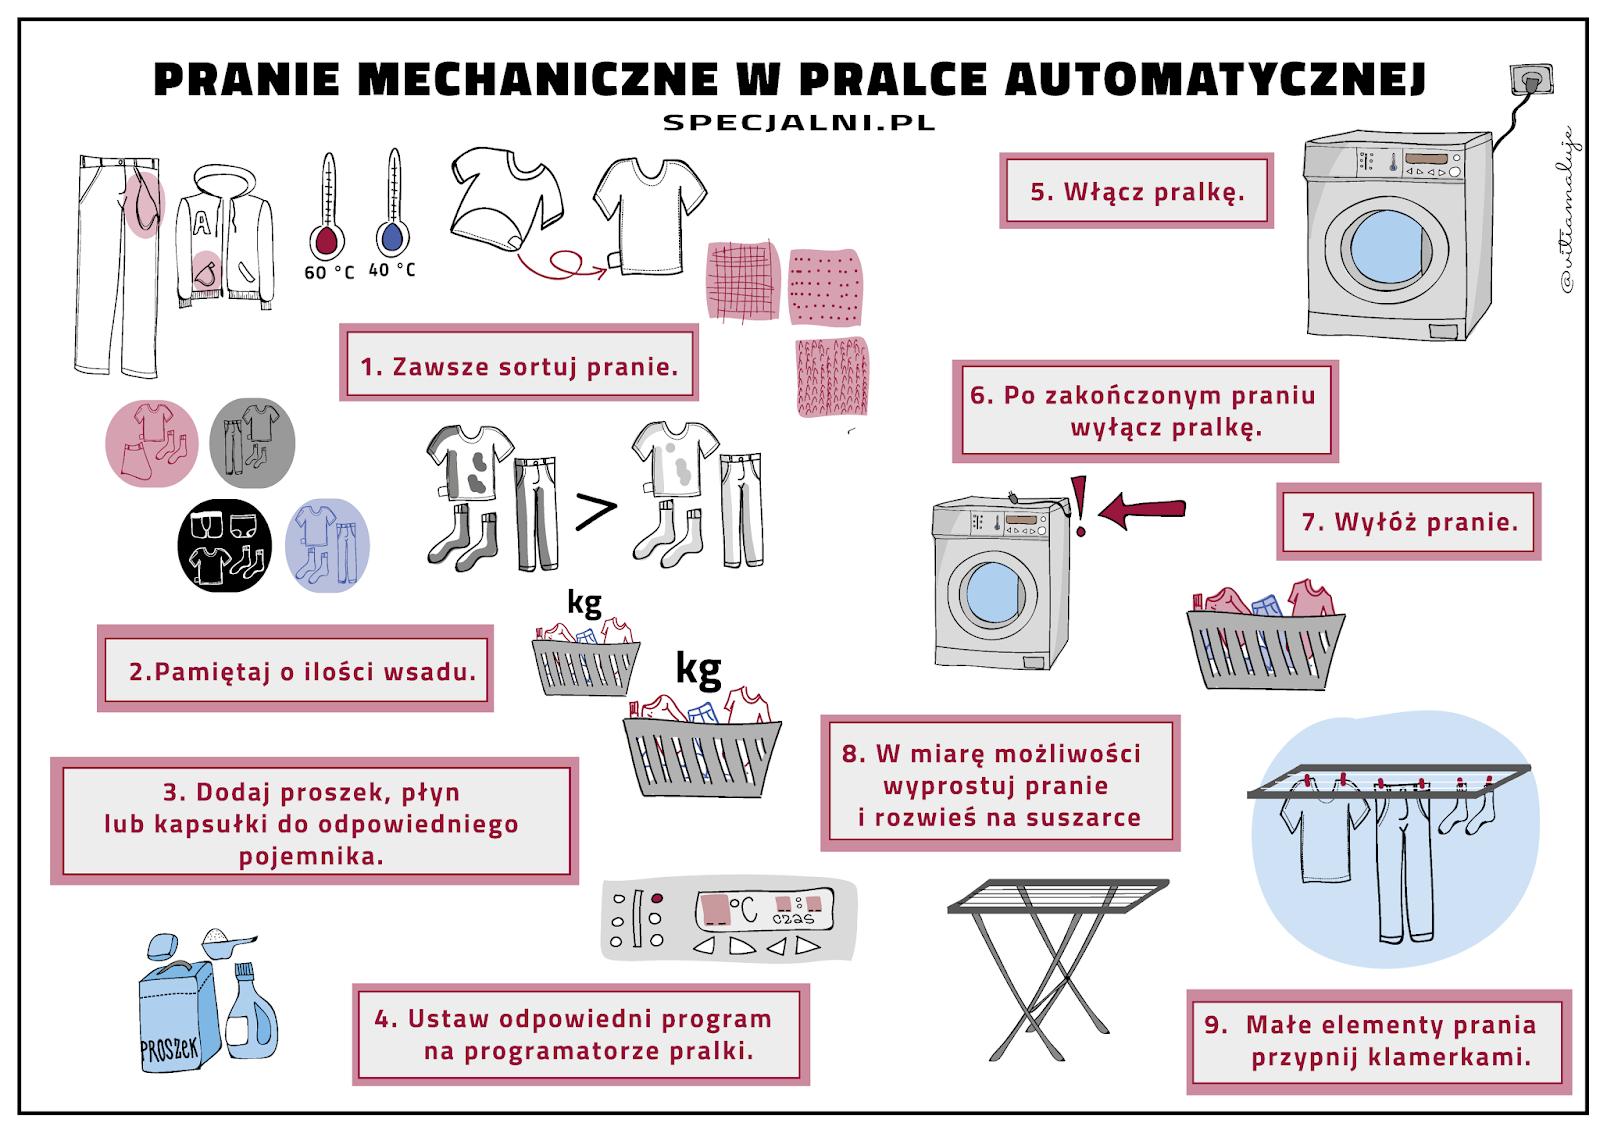 Specjalni czyli nowe technologie w szkołach specjalnych: Instrukcja prania-  zadania z gospodarstwa domowego